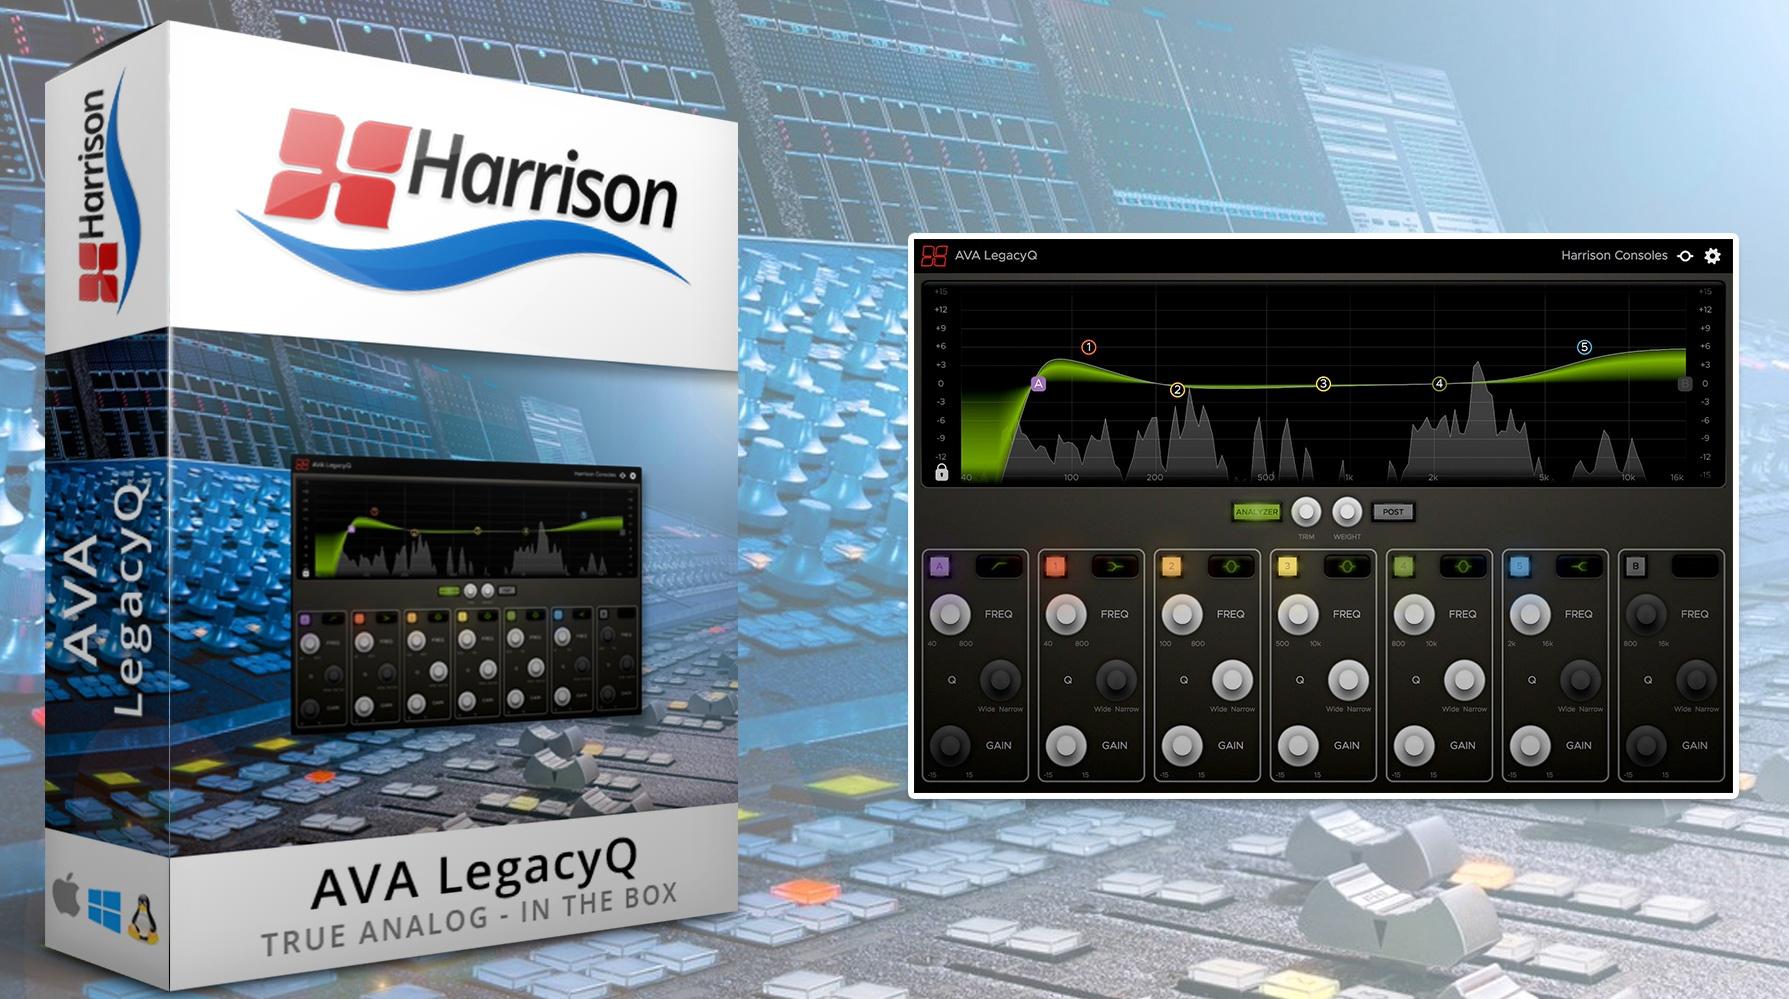 AVA LegacyQ en promo chez Harrison Consoles